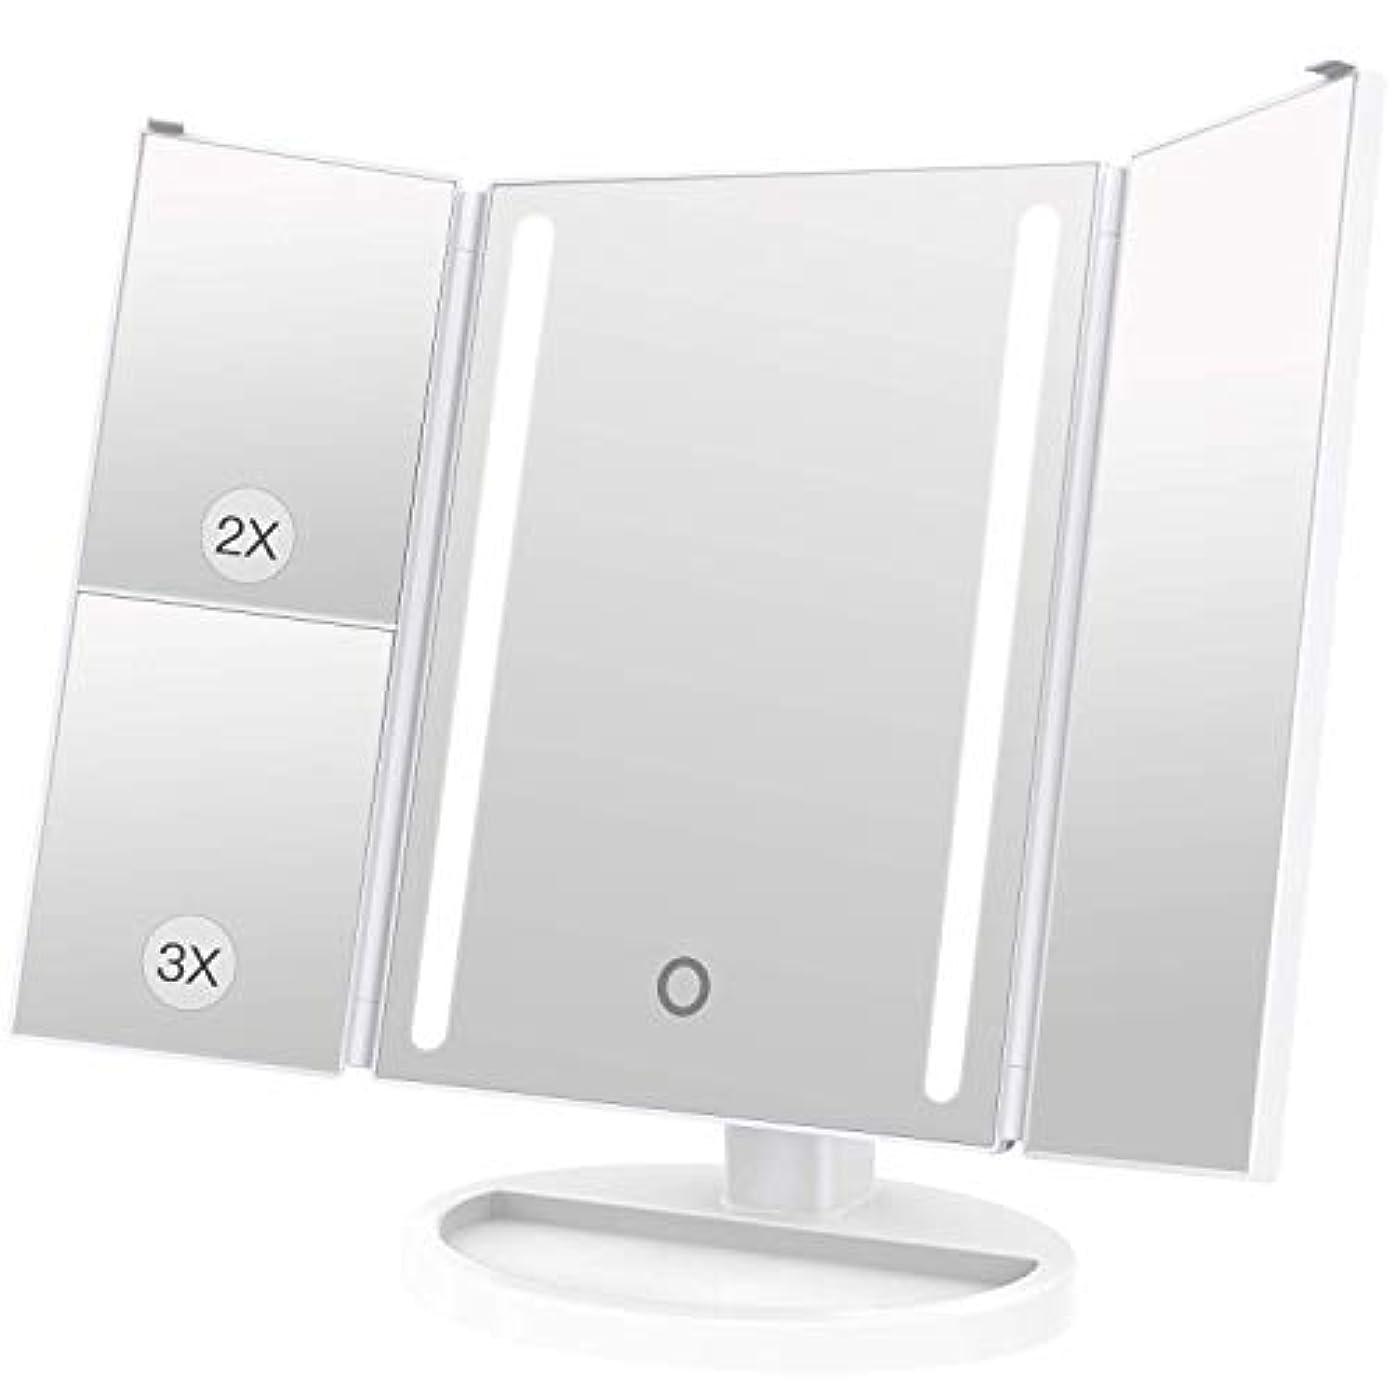 有害作る救出LEEPWEI 化粧鏡 LED 三面鏡 2&3倍拡大鏡付き 明るさ調節可能 180度回転 USB/単三電池給電 (ホワイト)